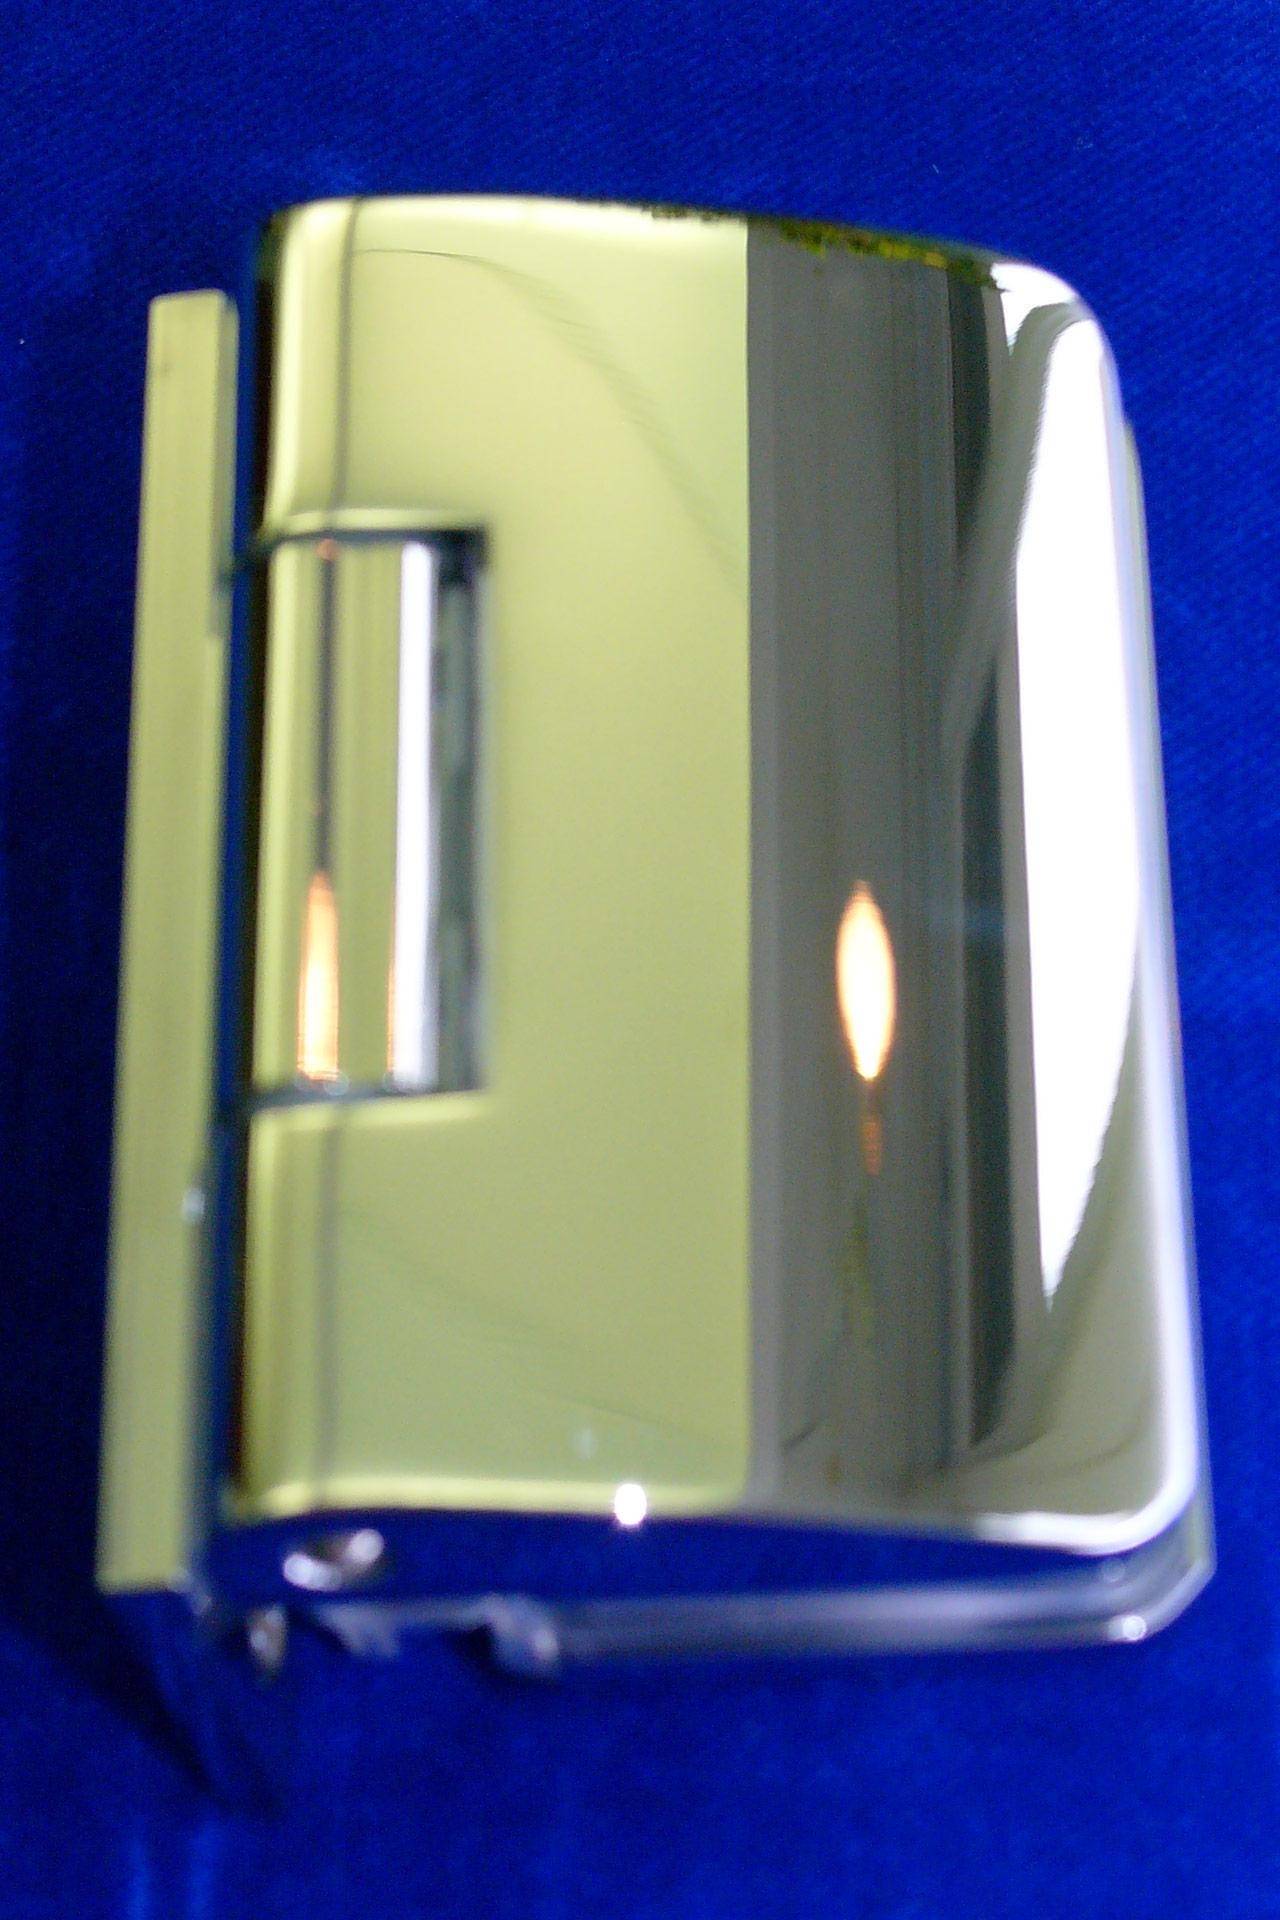 SD 860 charnière de porte en verre douche, seulement pour tirer